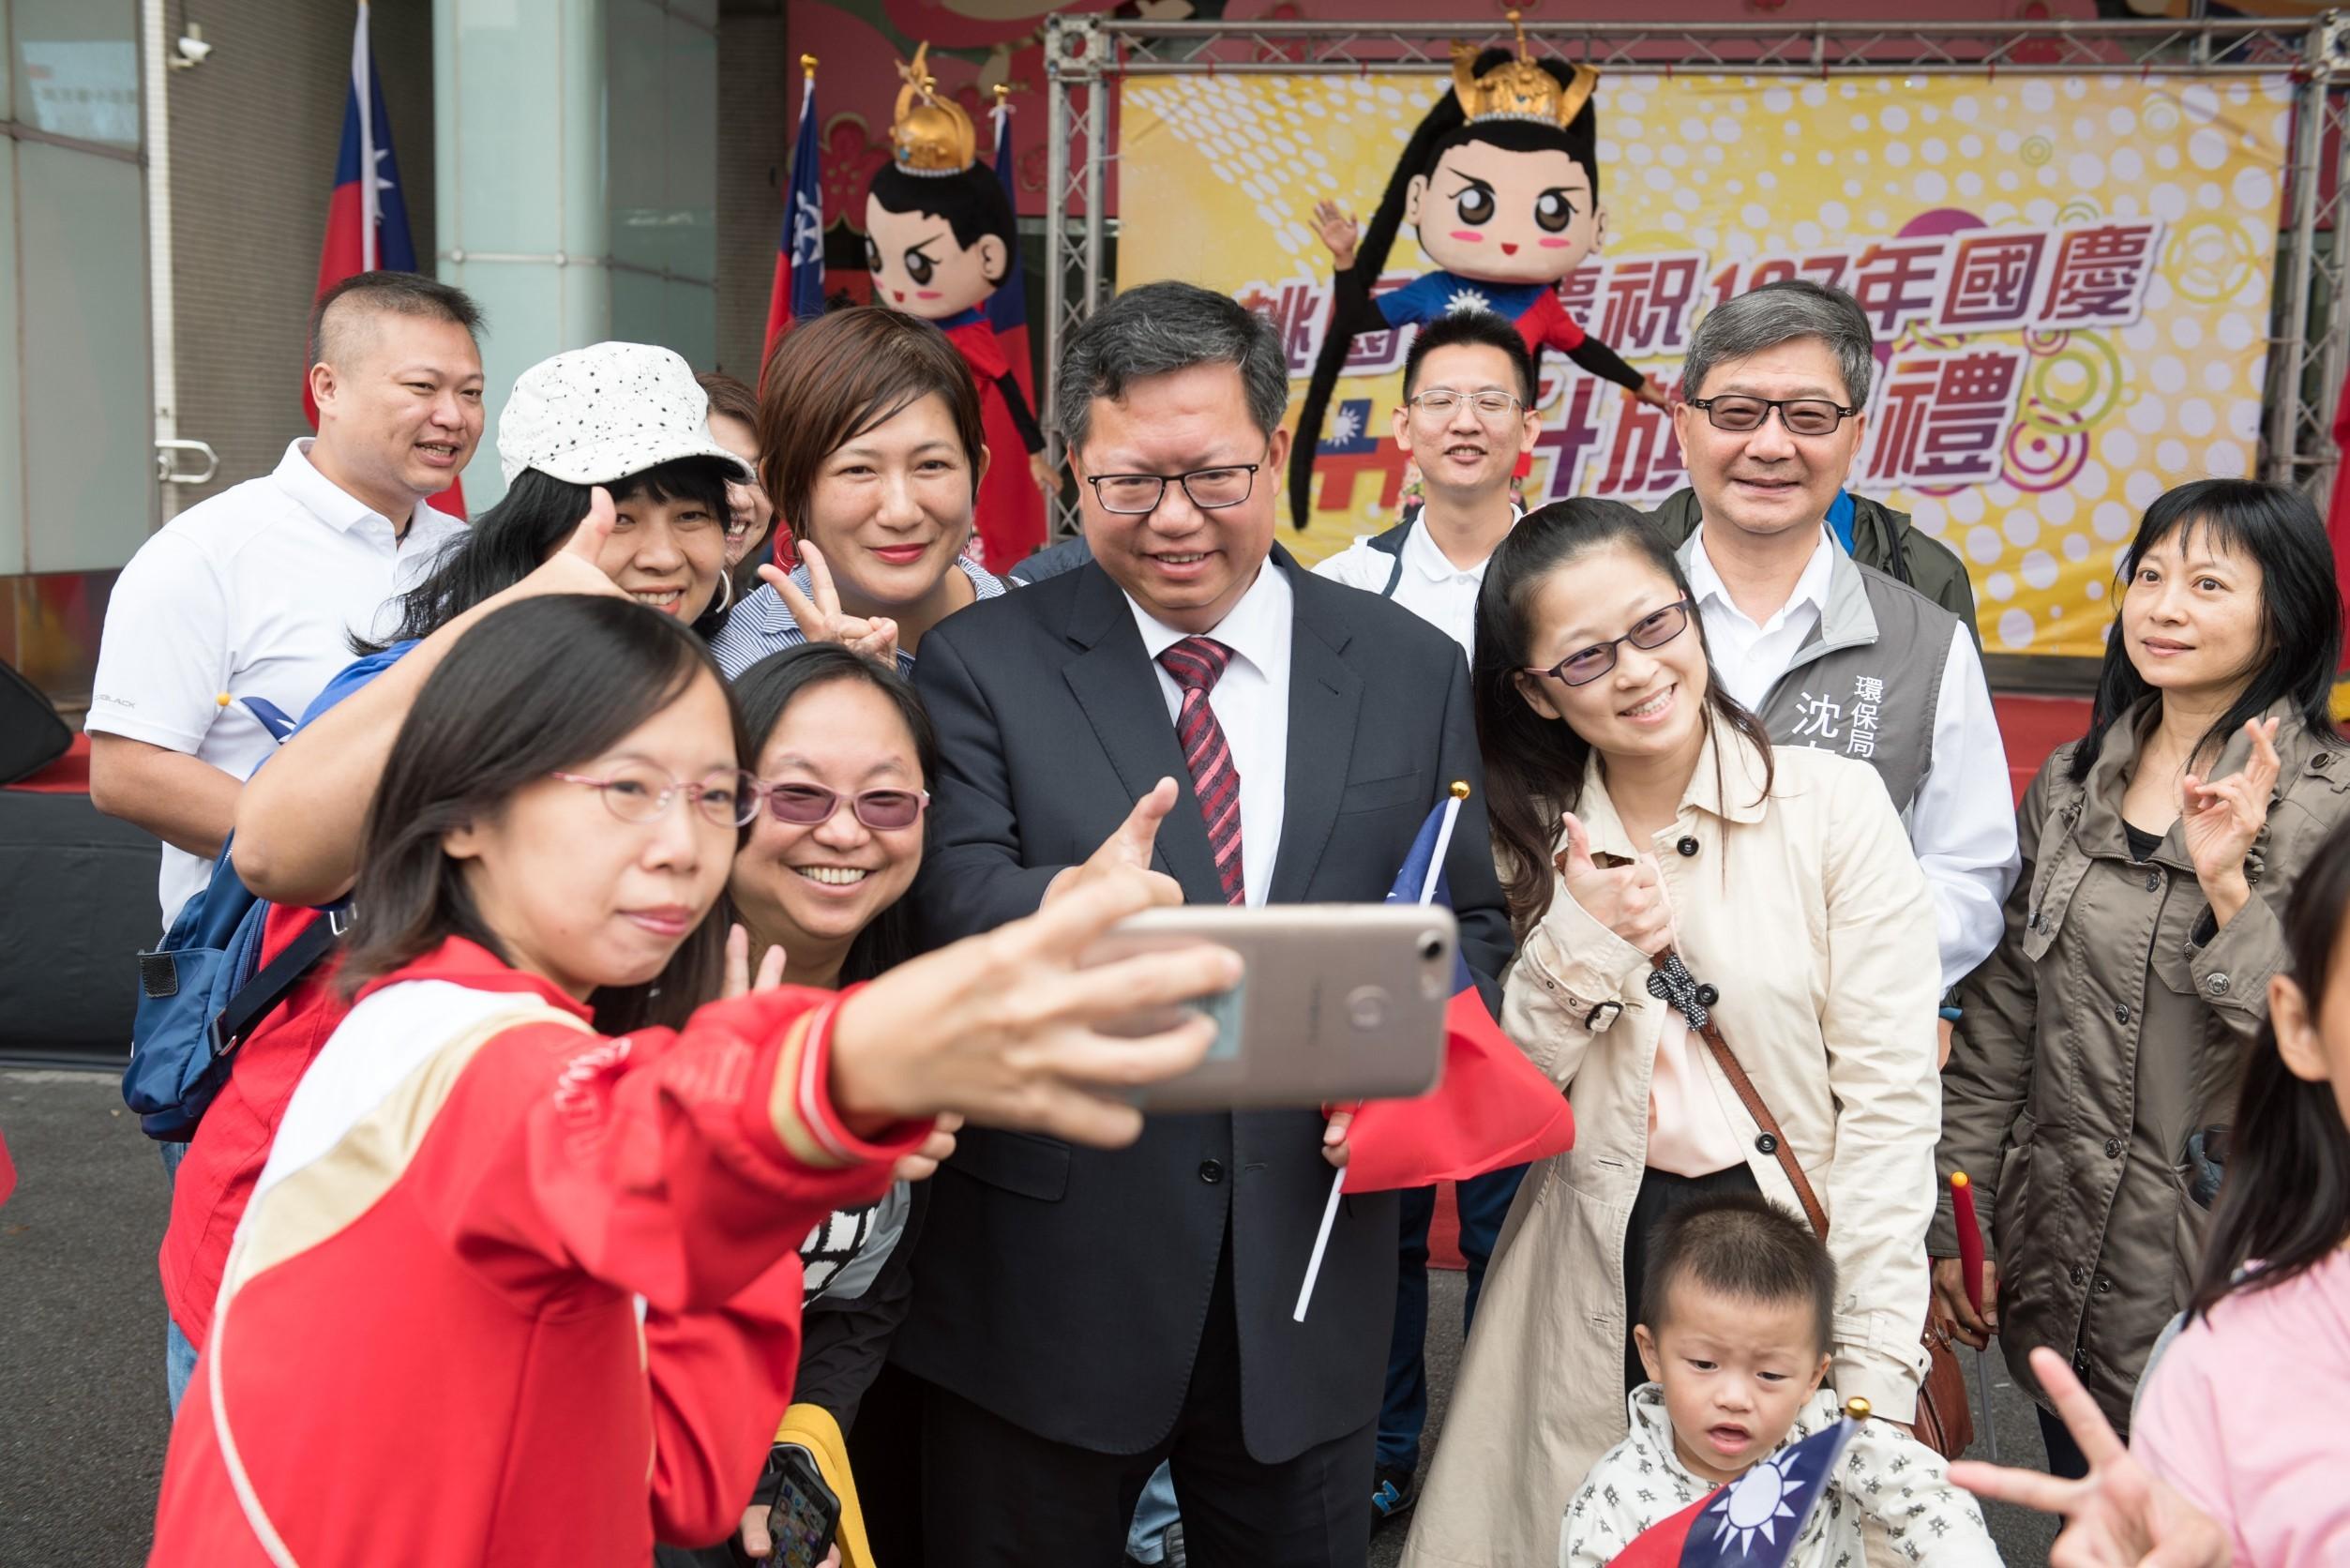 市長和市民朋友開心合影